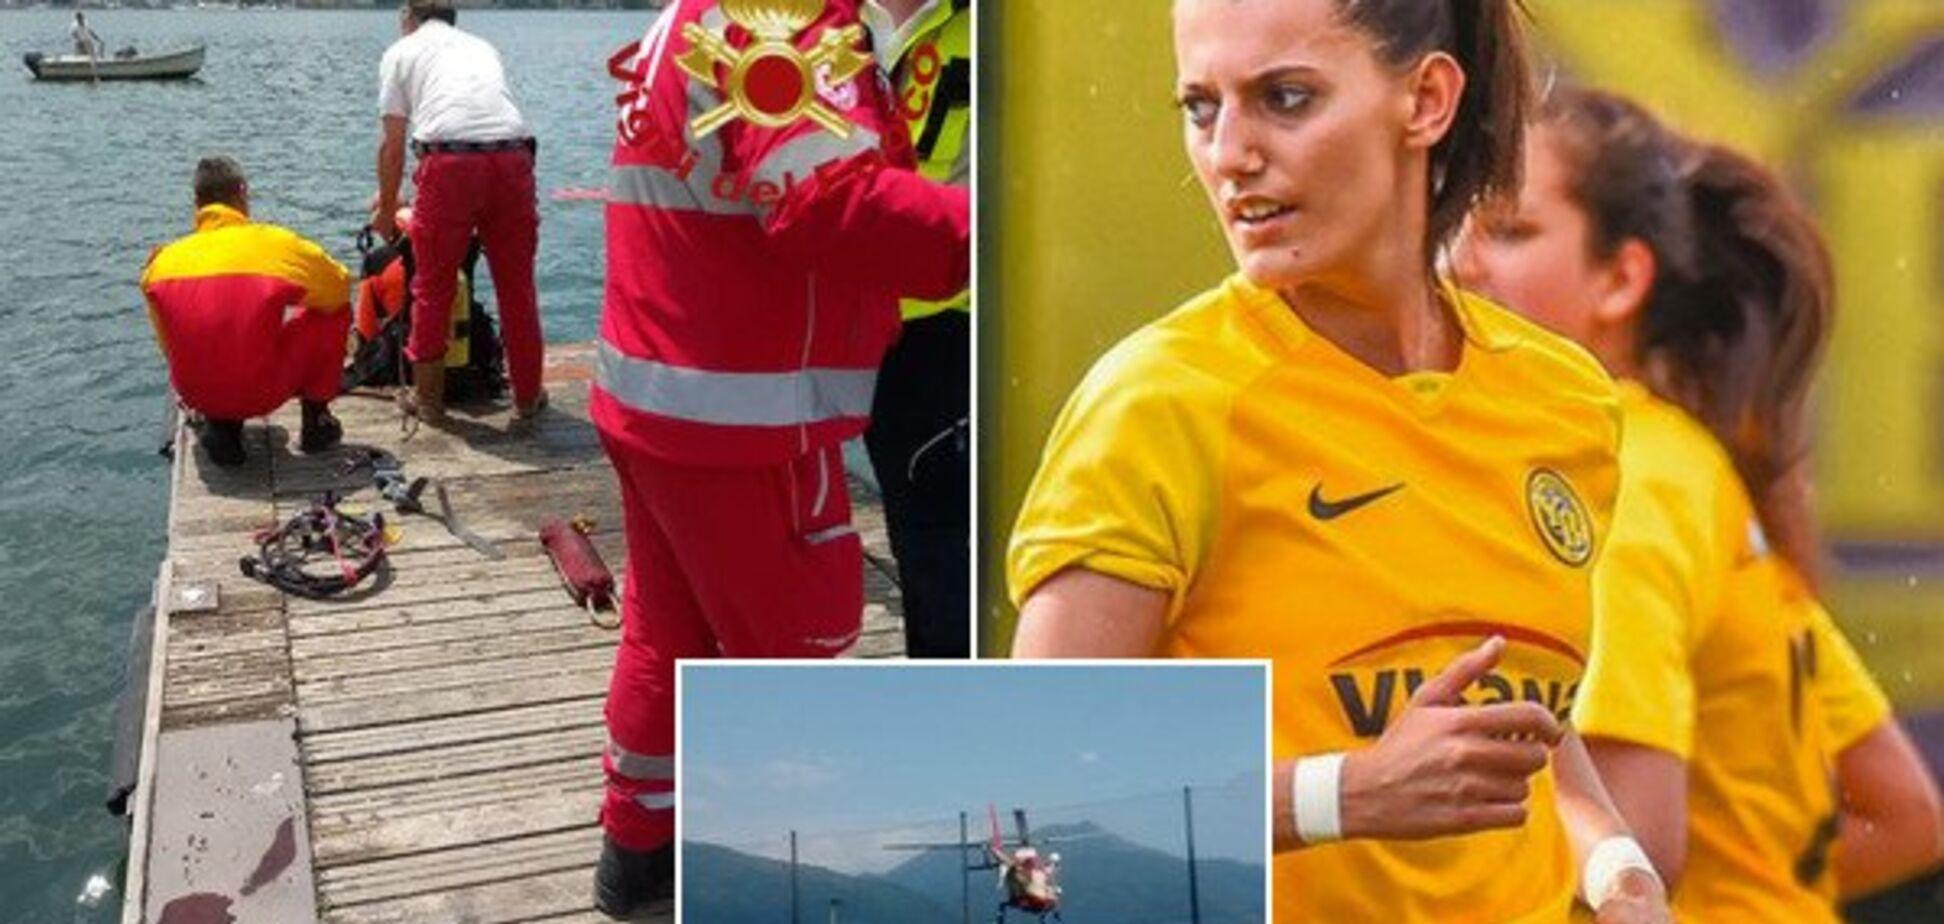 Найден труп: известная футболистка решила поплавать голышом и утонула